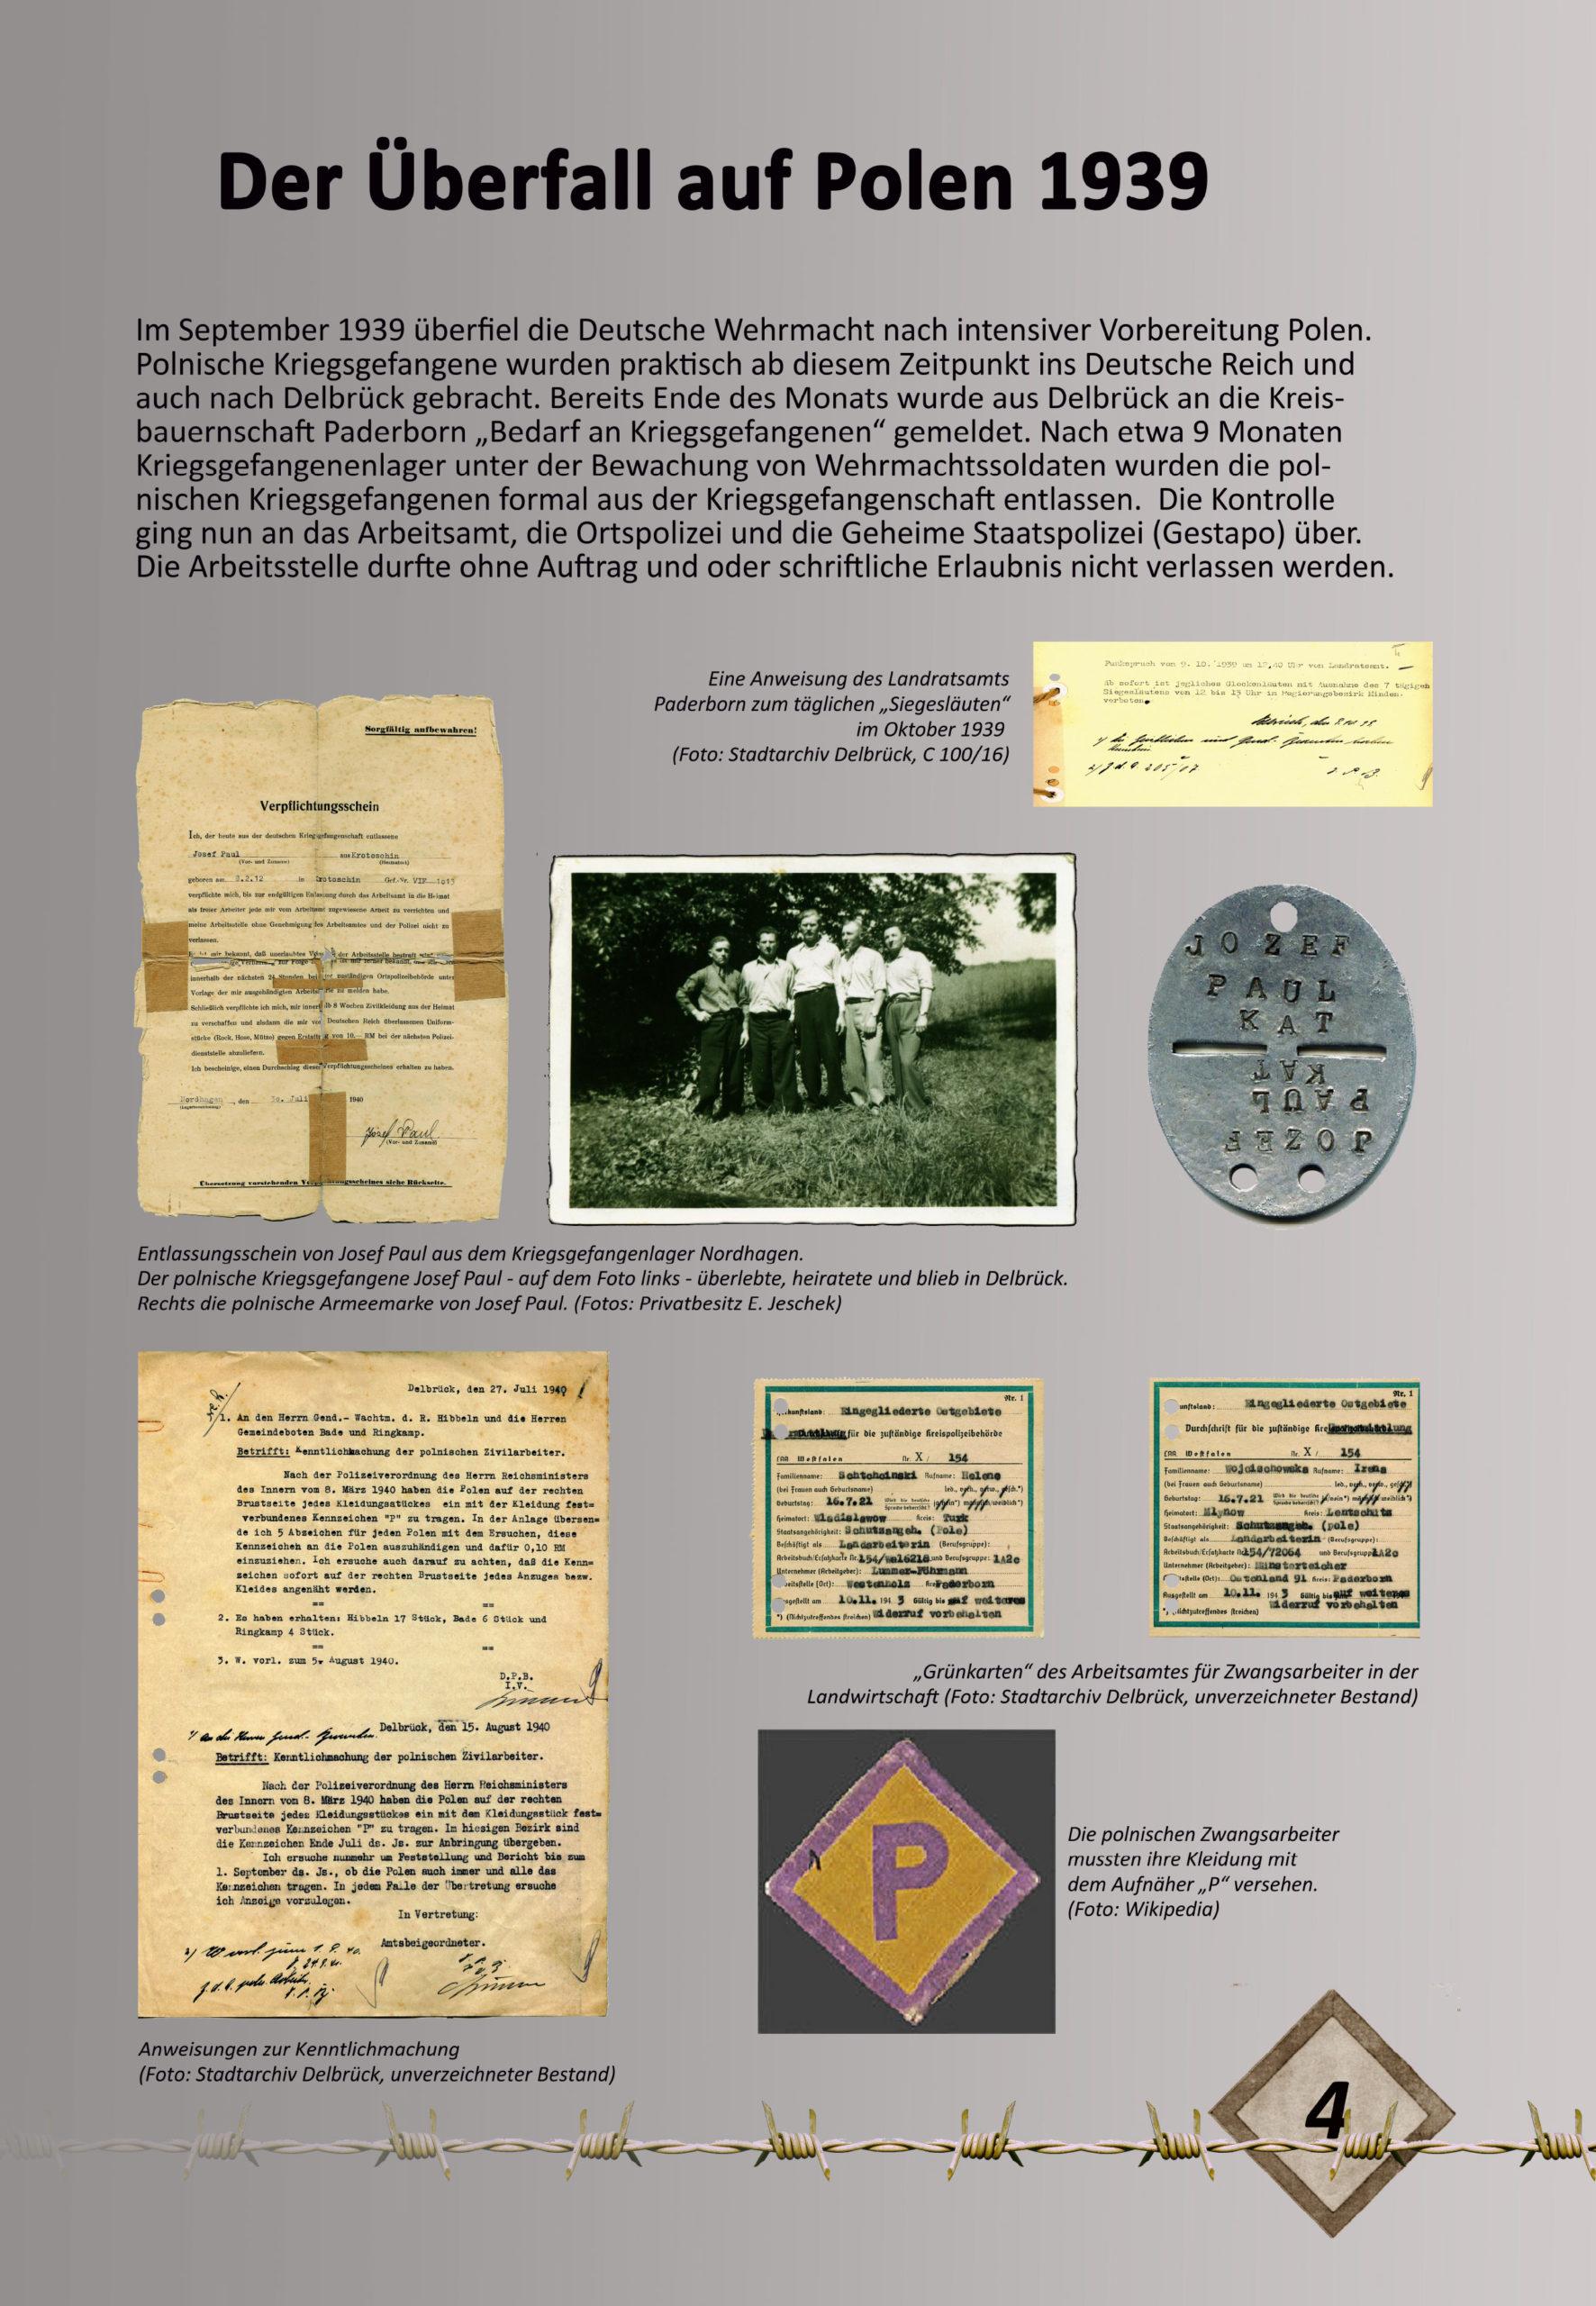 """Digitale Ausstellung """"Unter_Menschen"""" anlässlich des 75. Jahrestages der Befreiung der Kriegsgefangenen – Ausstellungstafel 4"""